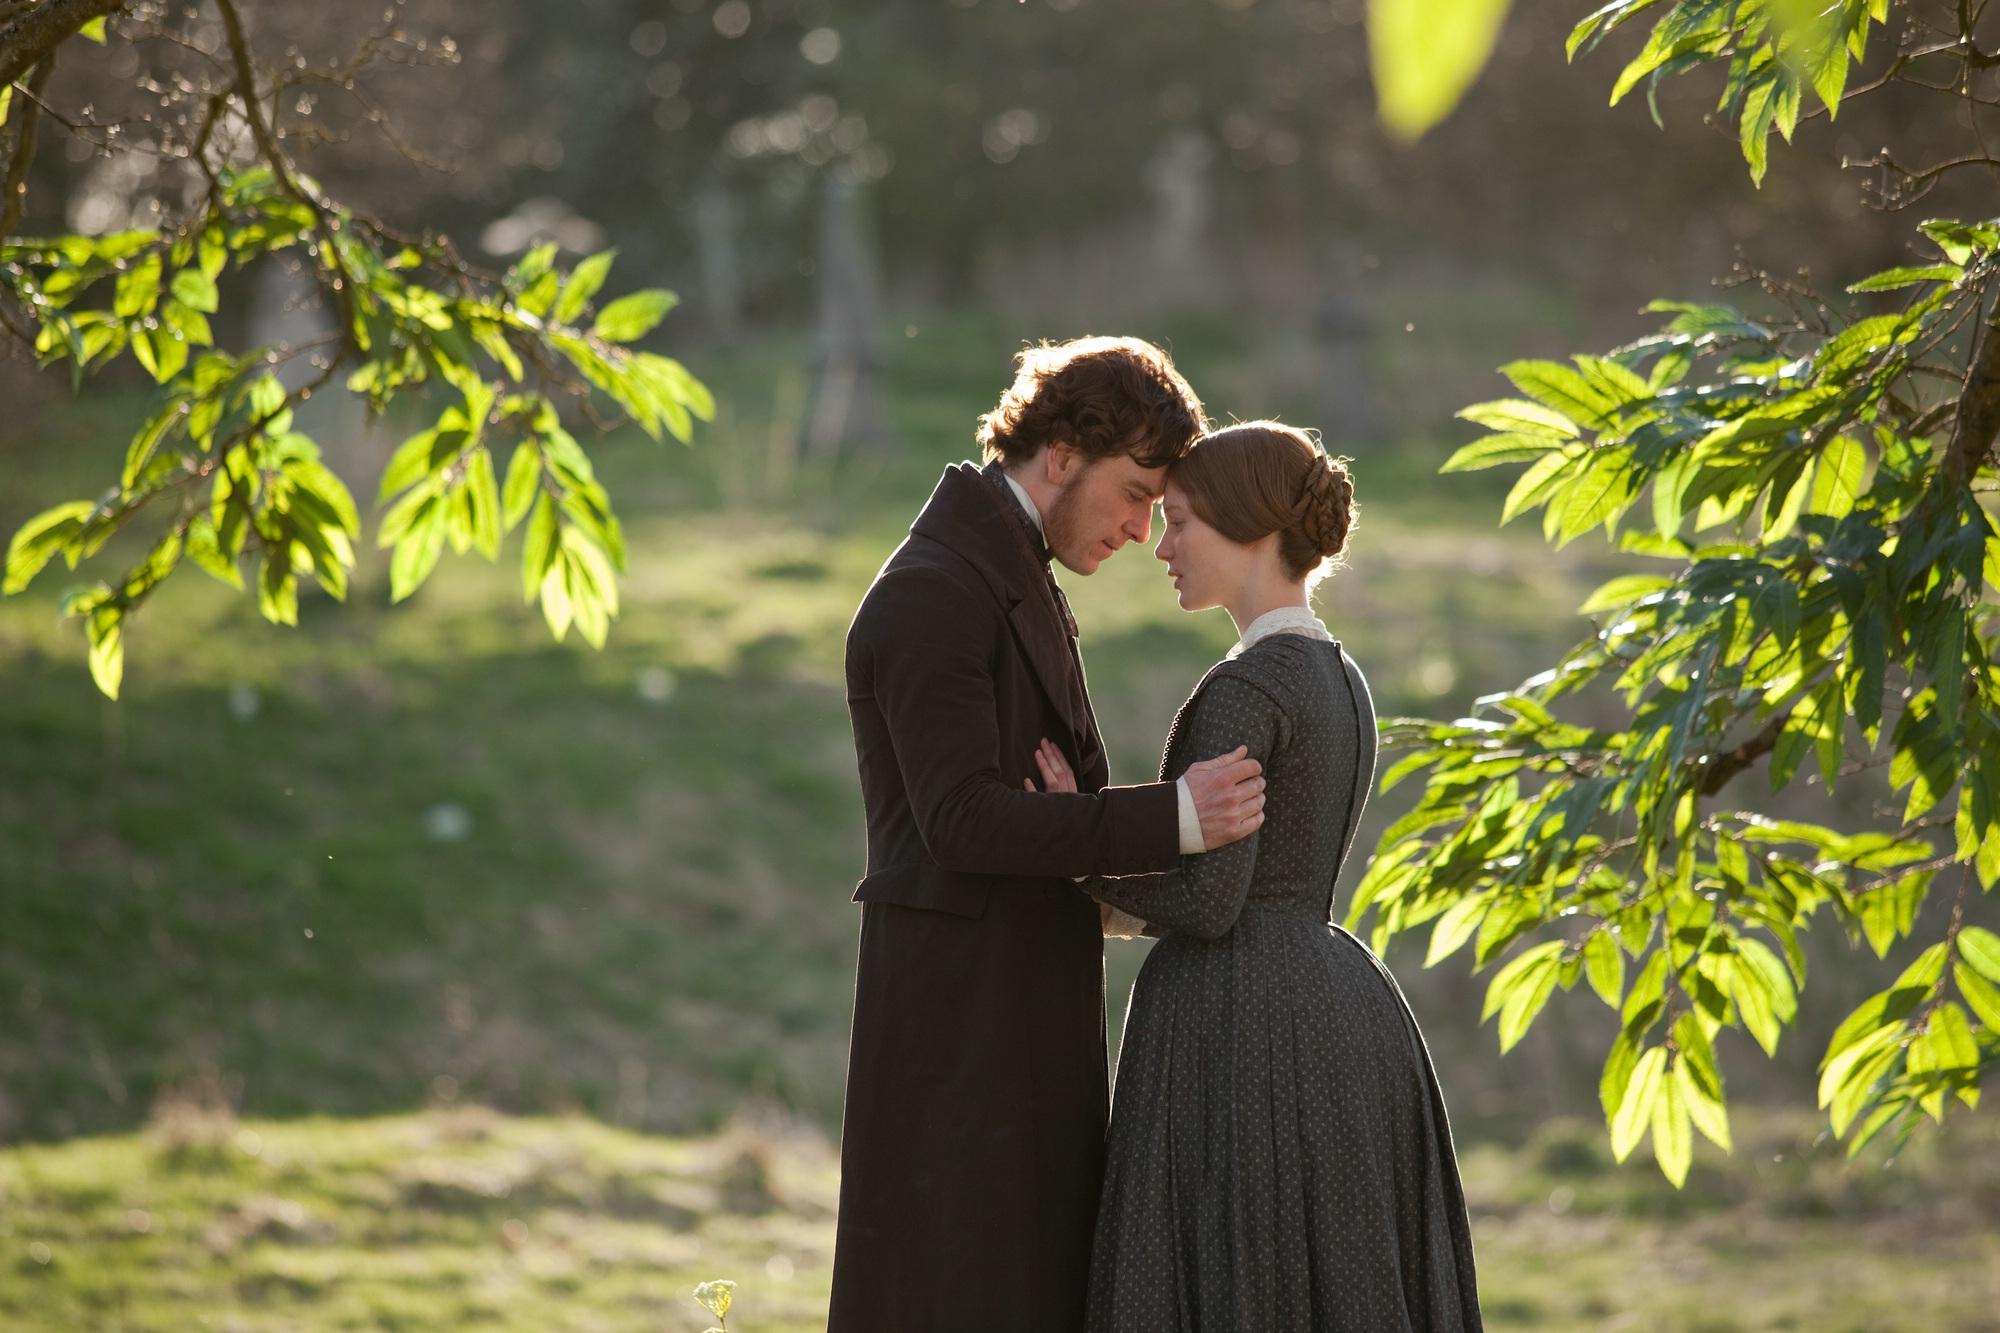 Jane Eyre, adaptado do do romance gótico de Charlotte Brontë, dirigido por Cary Fukunaga (True Detective, Beasts of No Nation) e estrelado por Mia Wasikowska e Michael Fassbender.